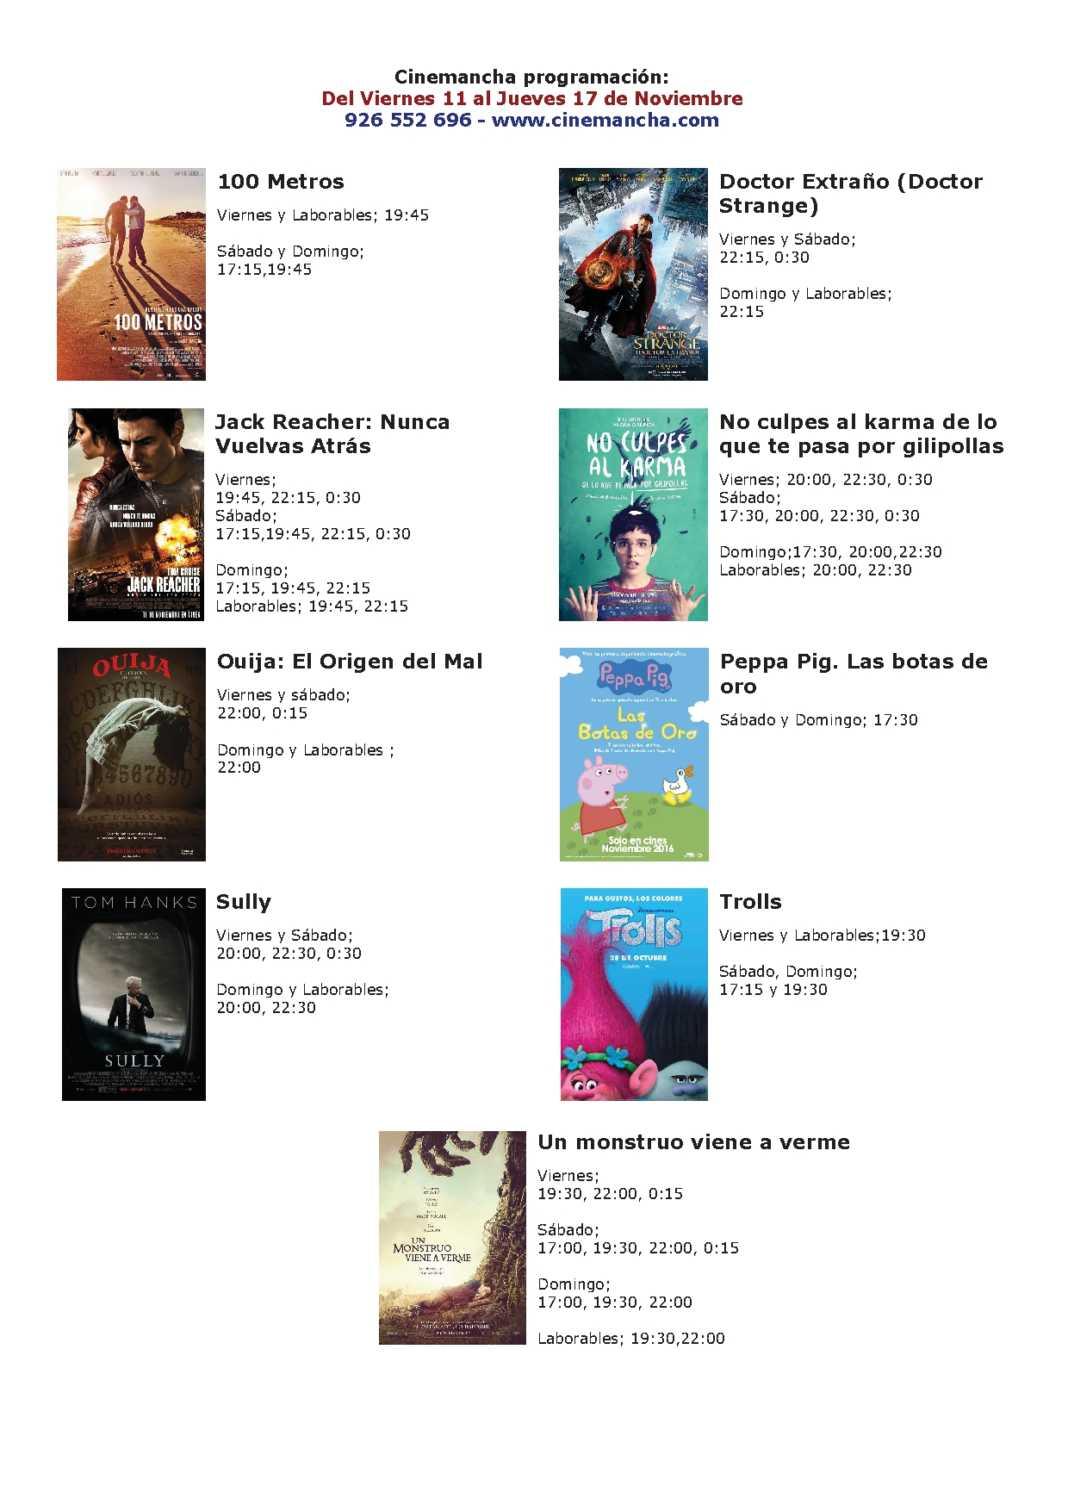 cartelera de cinemacha del 11 al 17 de noviembre 1068x1511 - Cartelera Cinemancha del 11 al 17 de noviembre